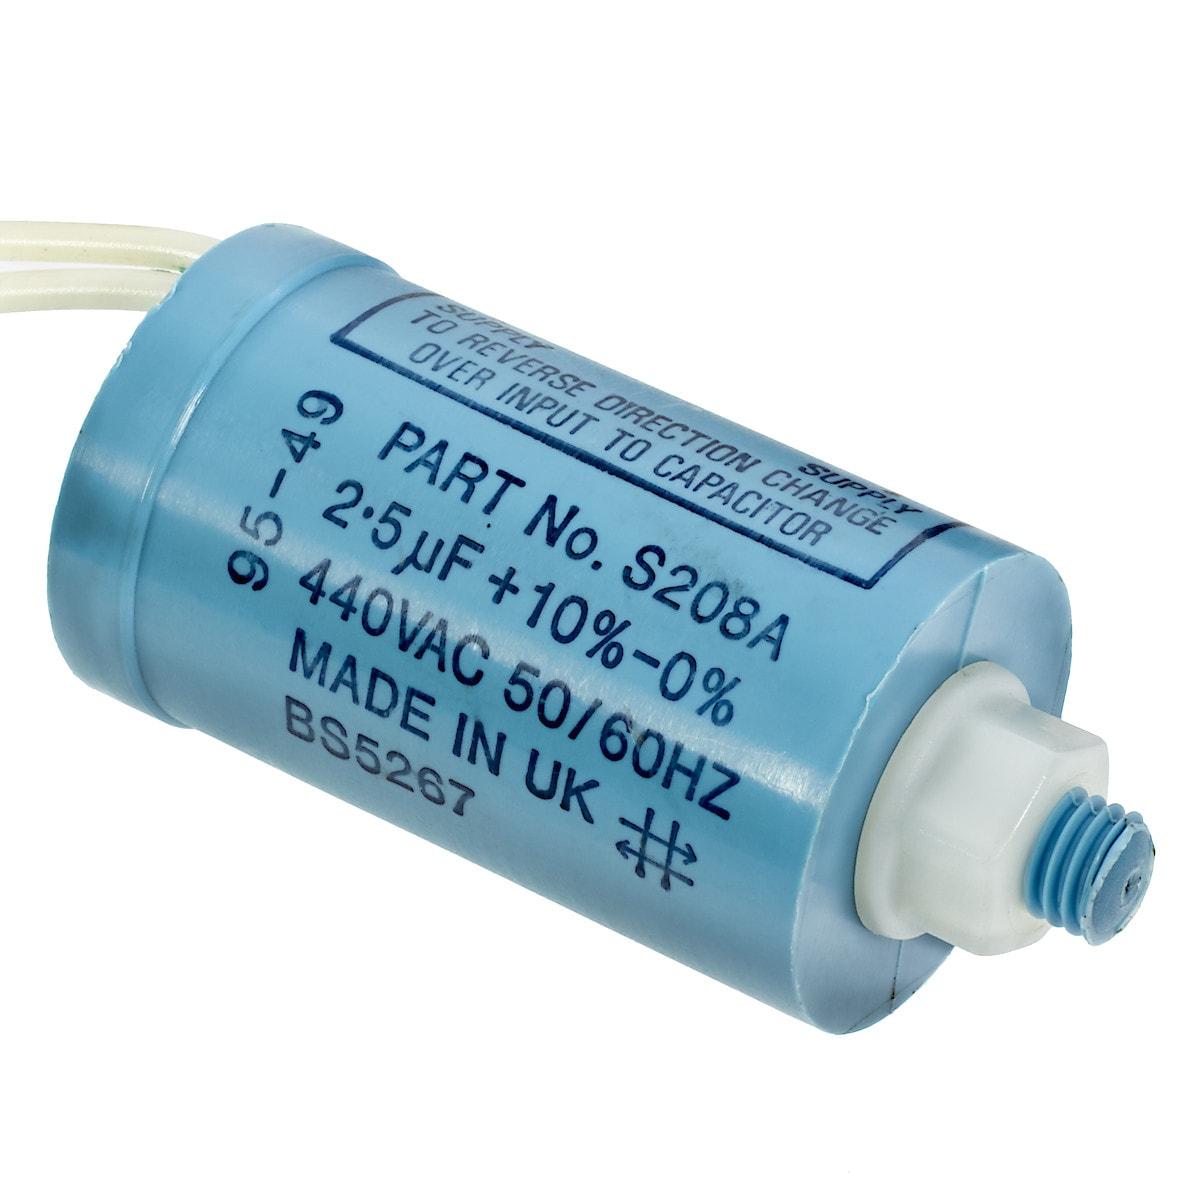 Kondensaattori 2,5 µF S208A